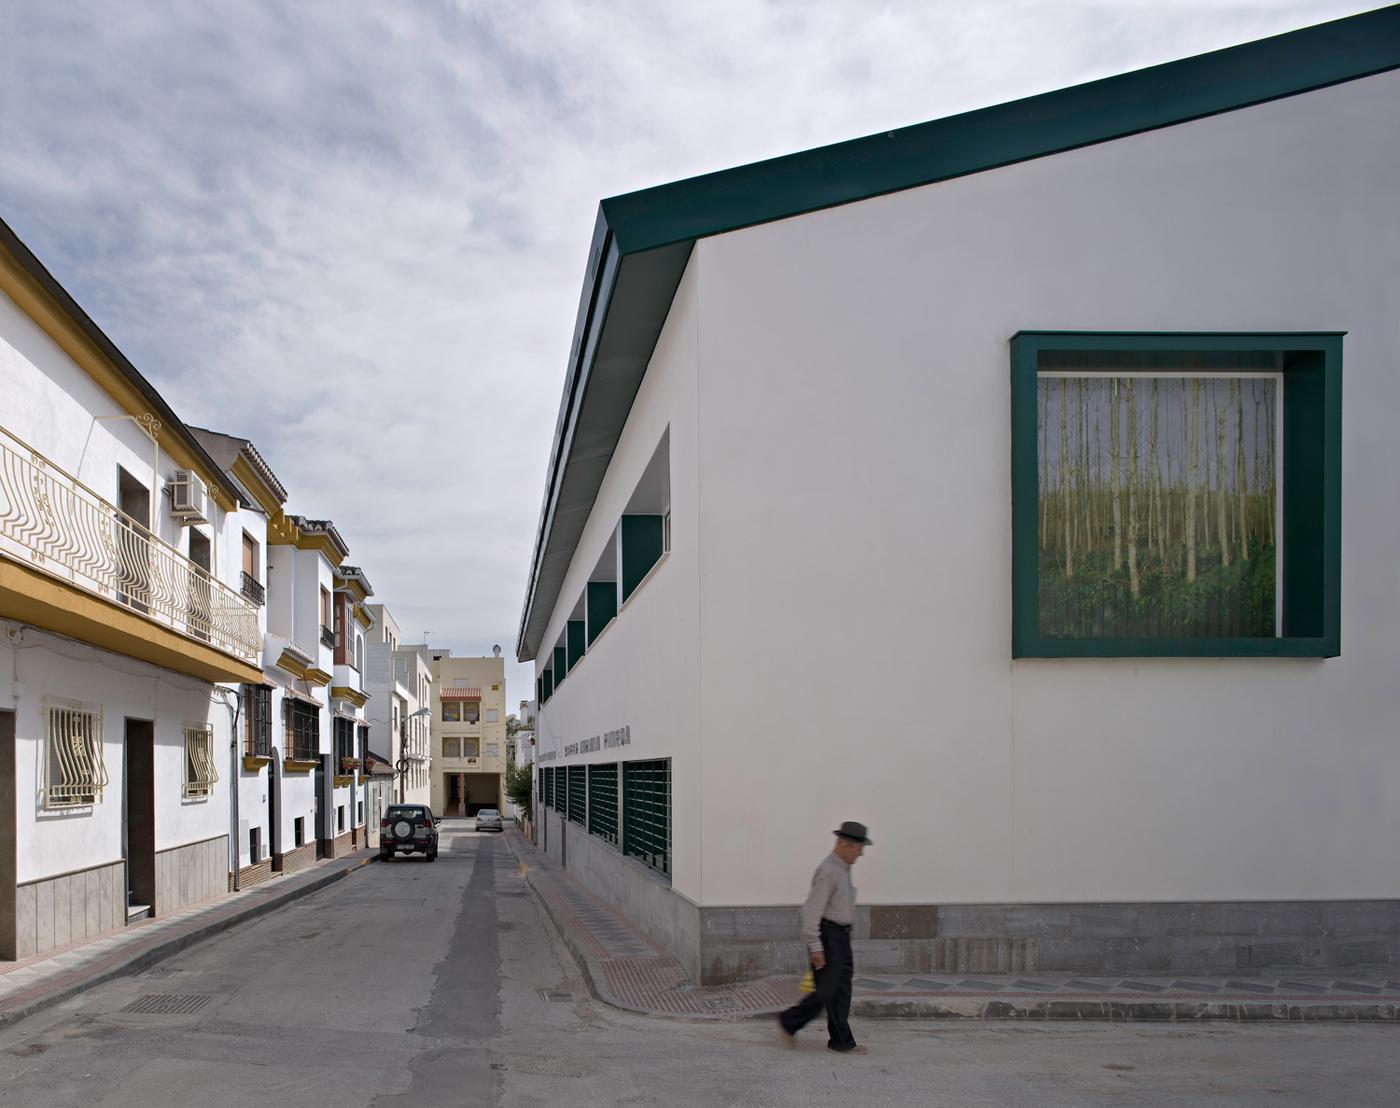 El centro intergeneracional de atarfe en arquitectura - Arquitectos de granada ...